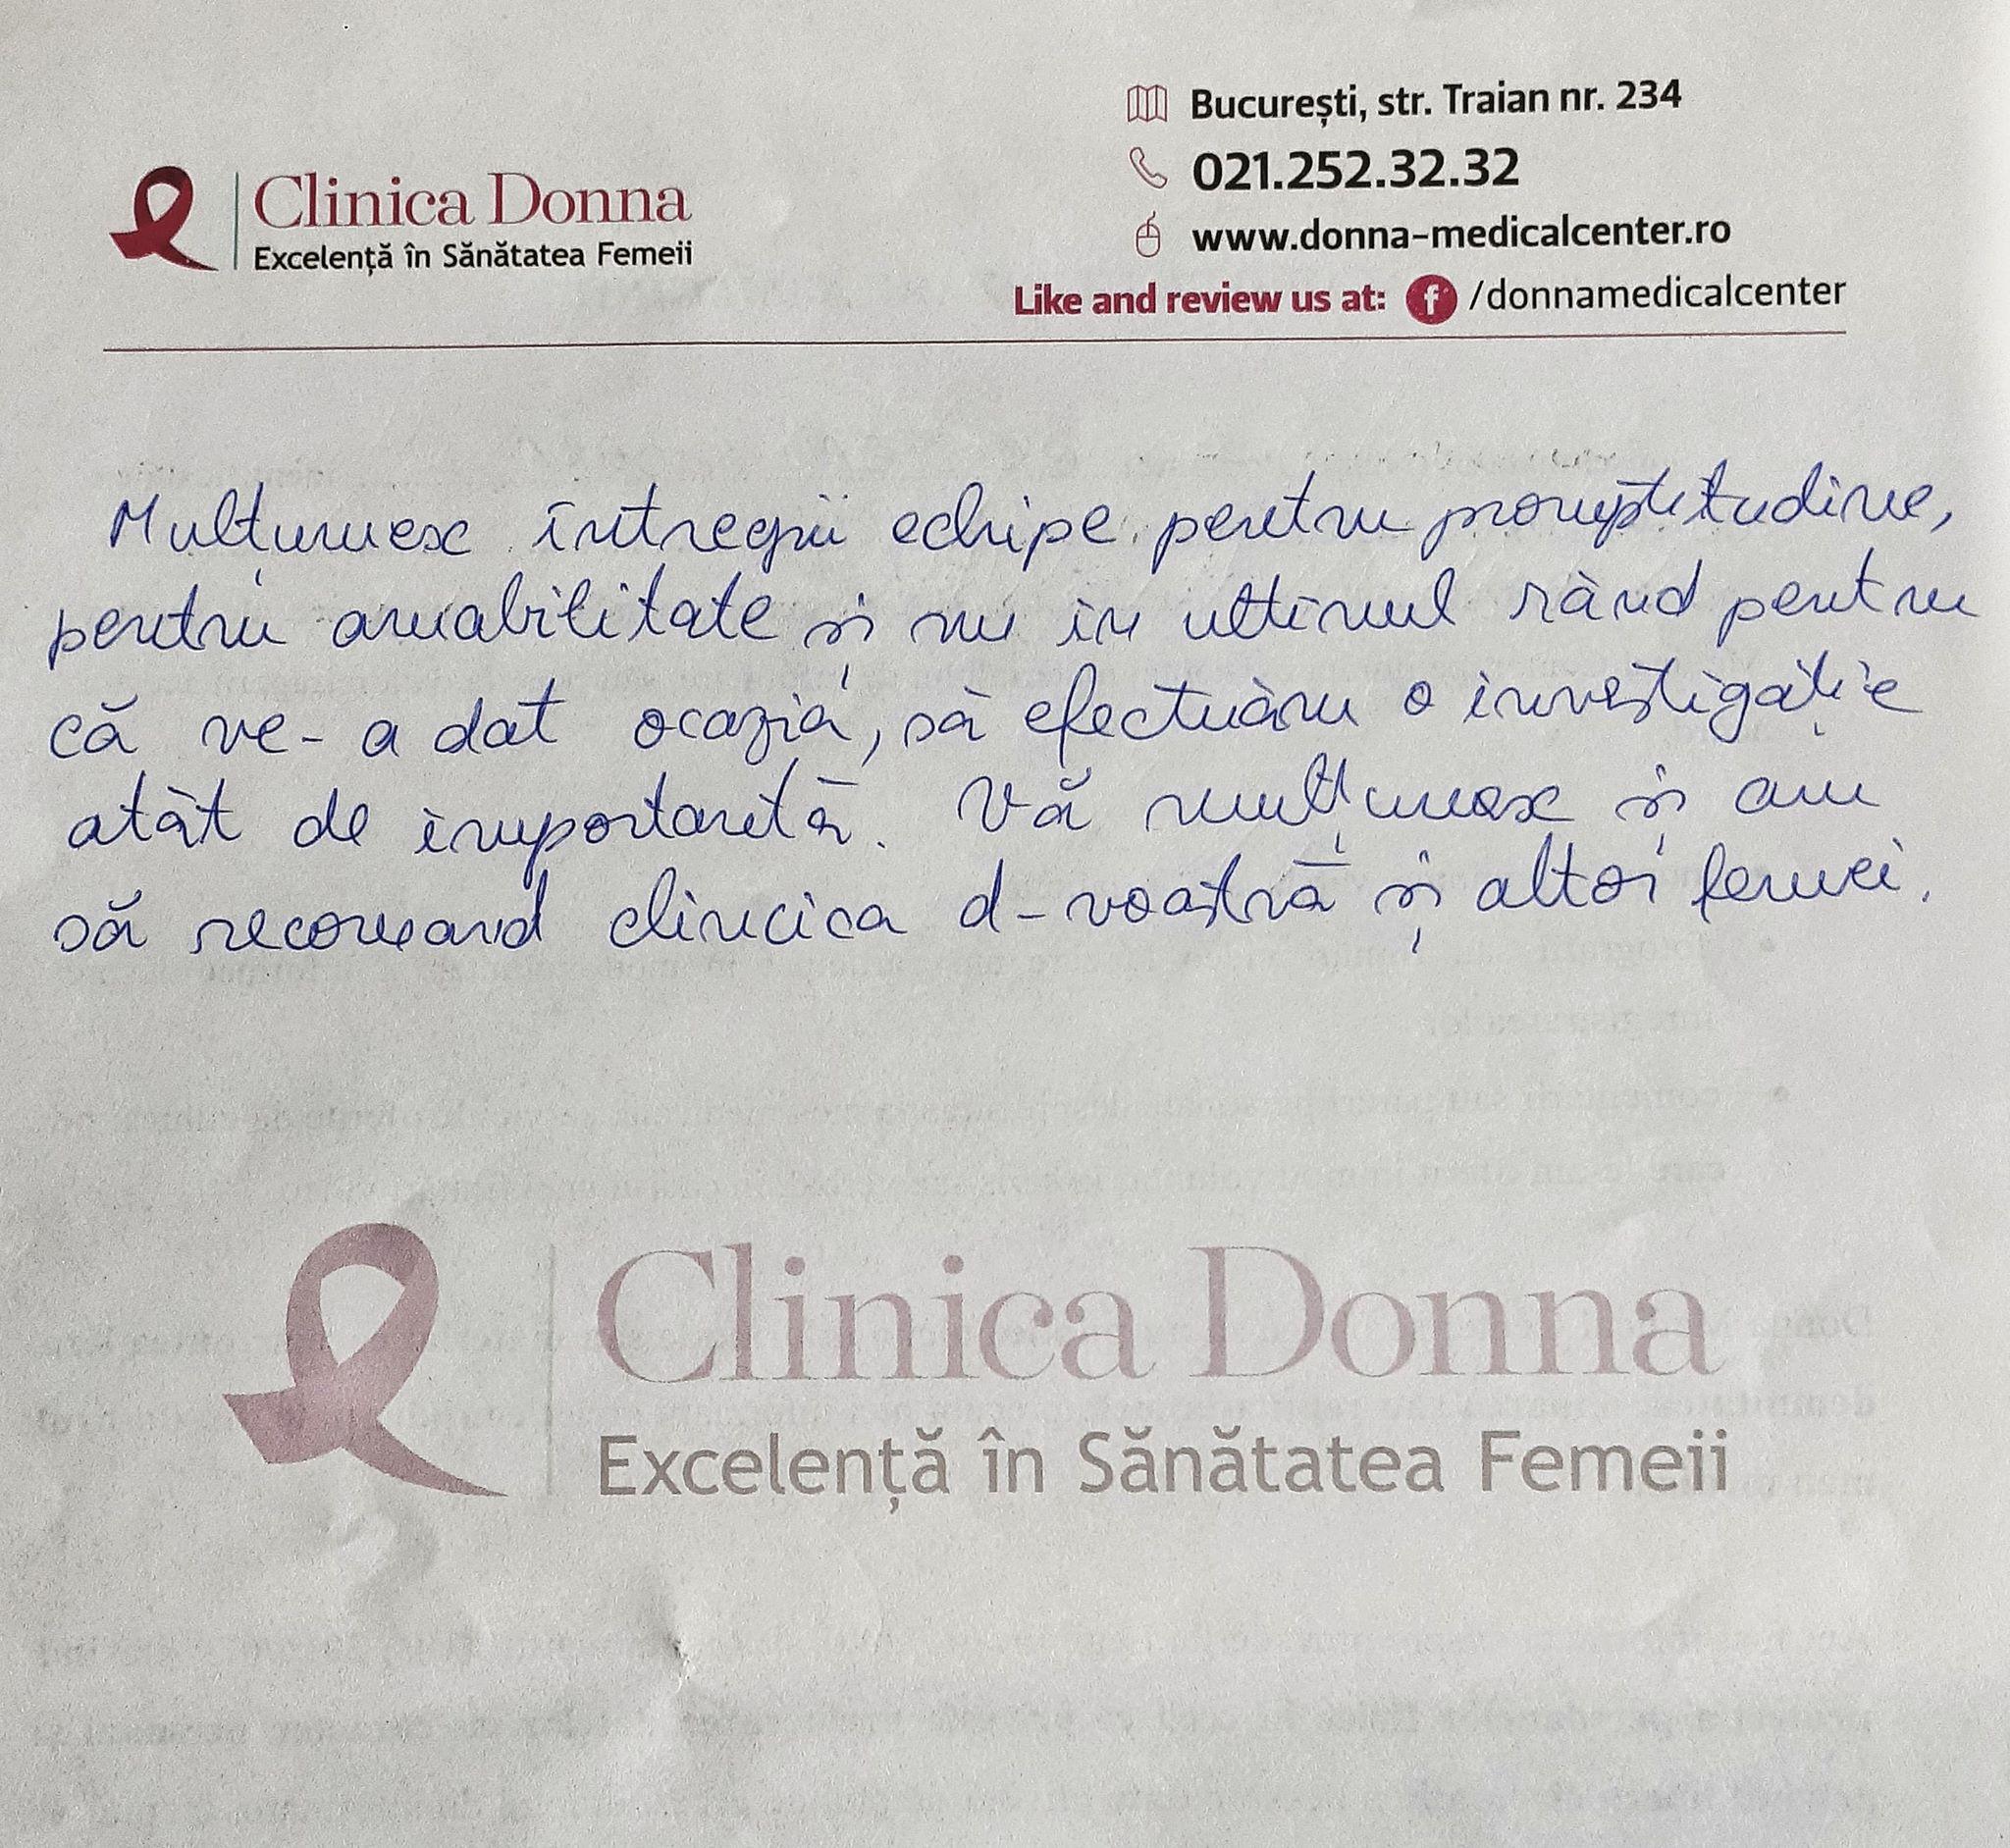 """Cristea Mioara, Campania socială """"Ziua Șanselor la Viață"""", 03.11.2018"""